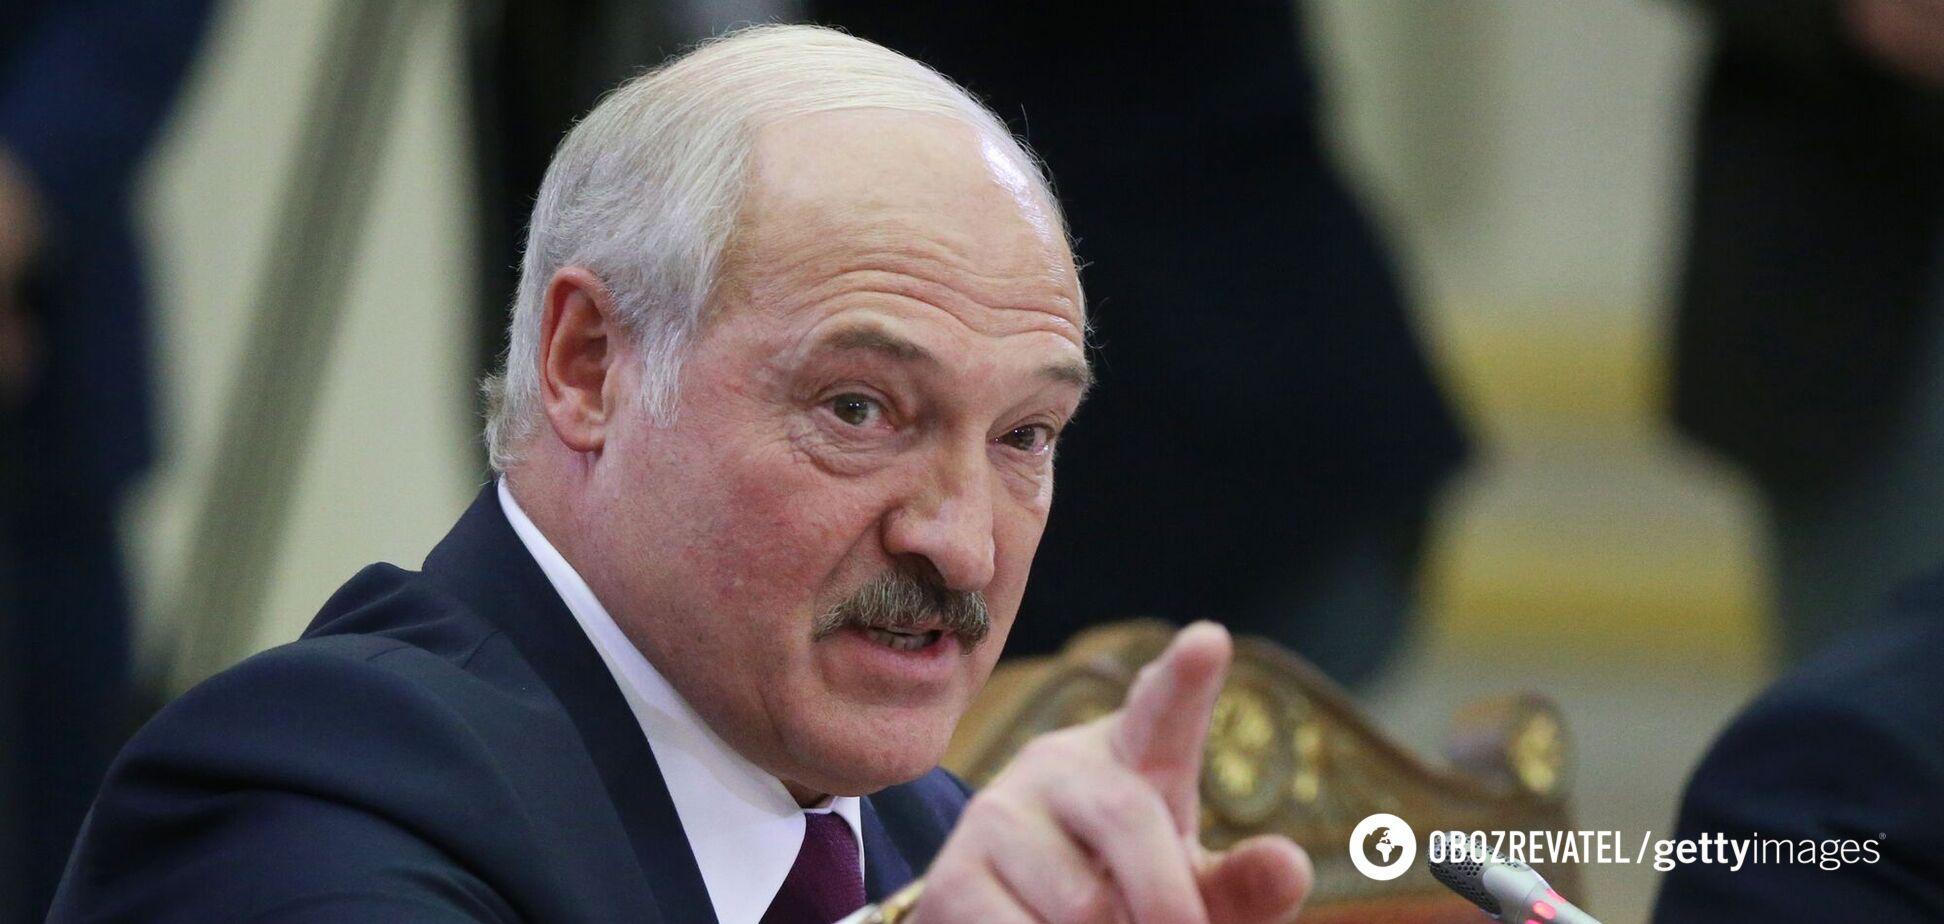 Затримання Протасевича: в ЄС назвали Лукашенка загрозою для міжнародної безпеки